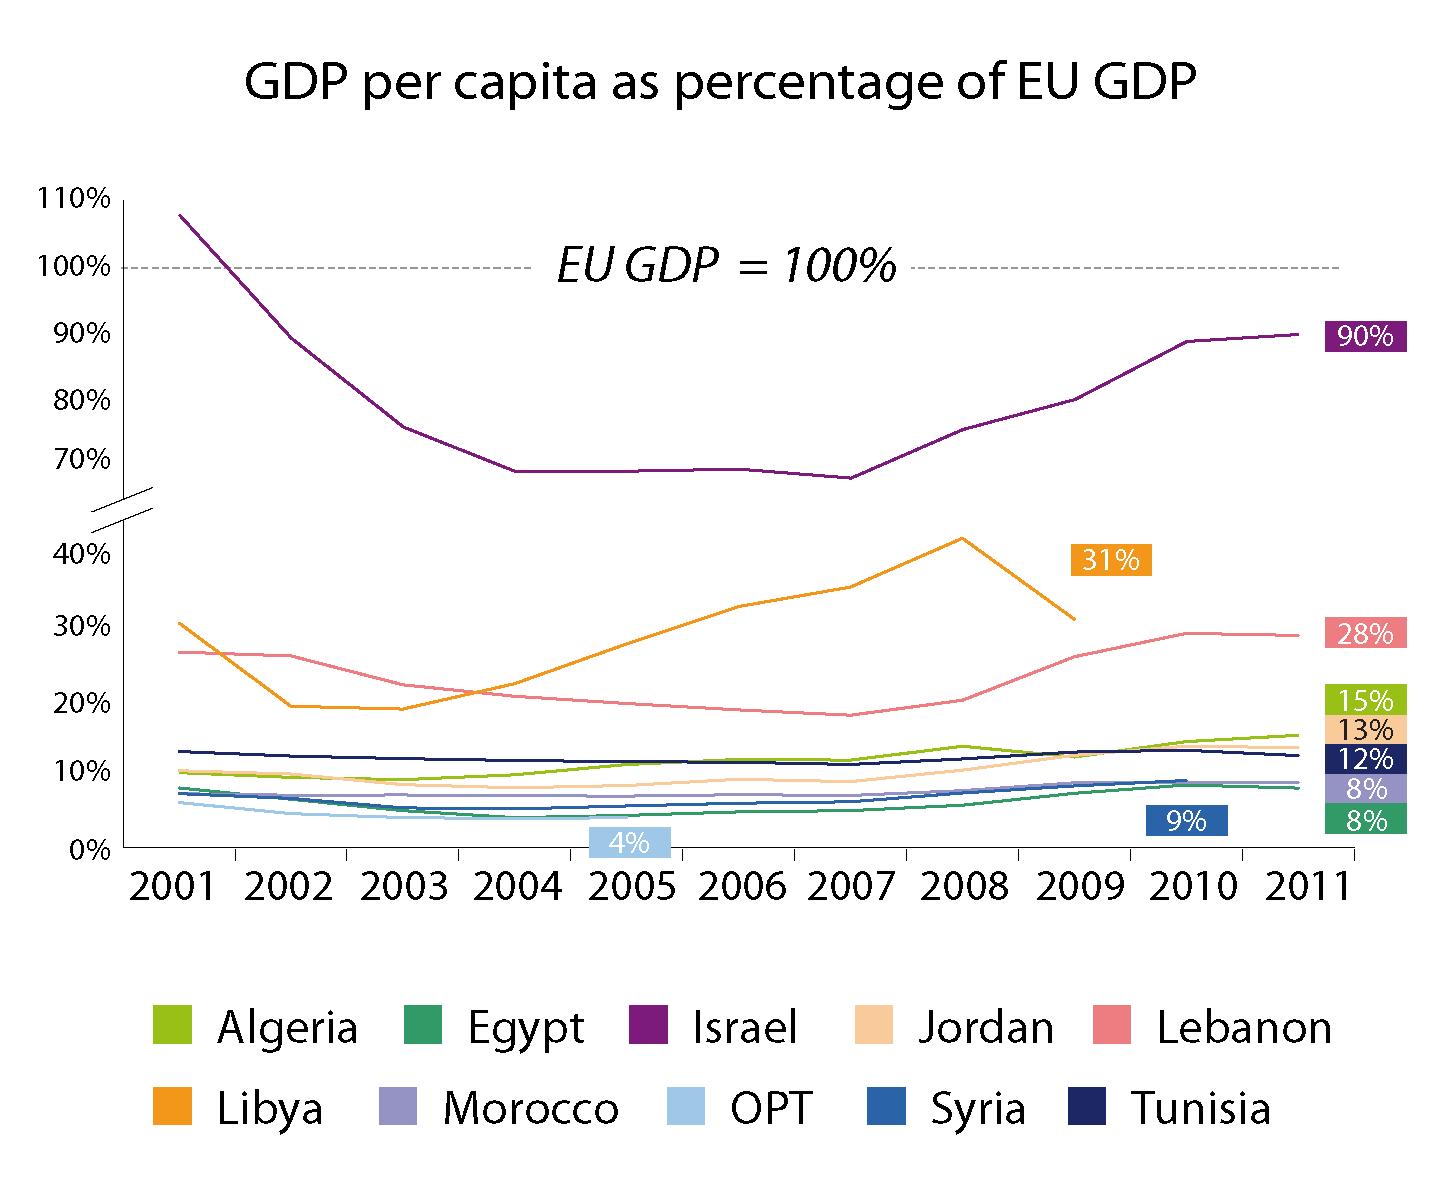 GDP per capita of the EU's Mediterranian neighbour countries as percentage of EU GDP, 2001-2011